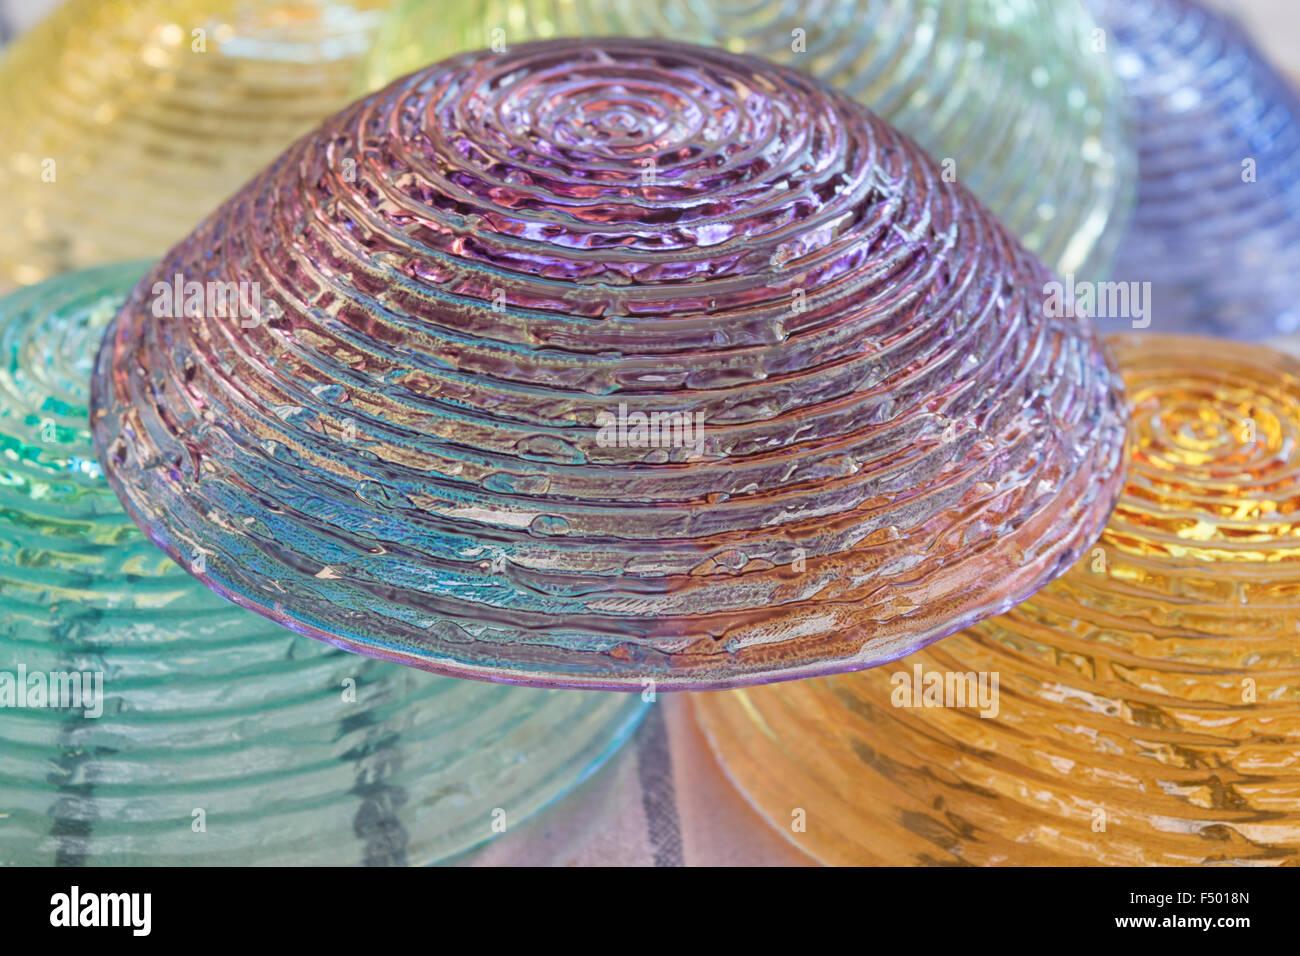 Detail der Schale aus farbigem Glas, invertiert Stockbild